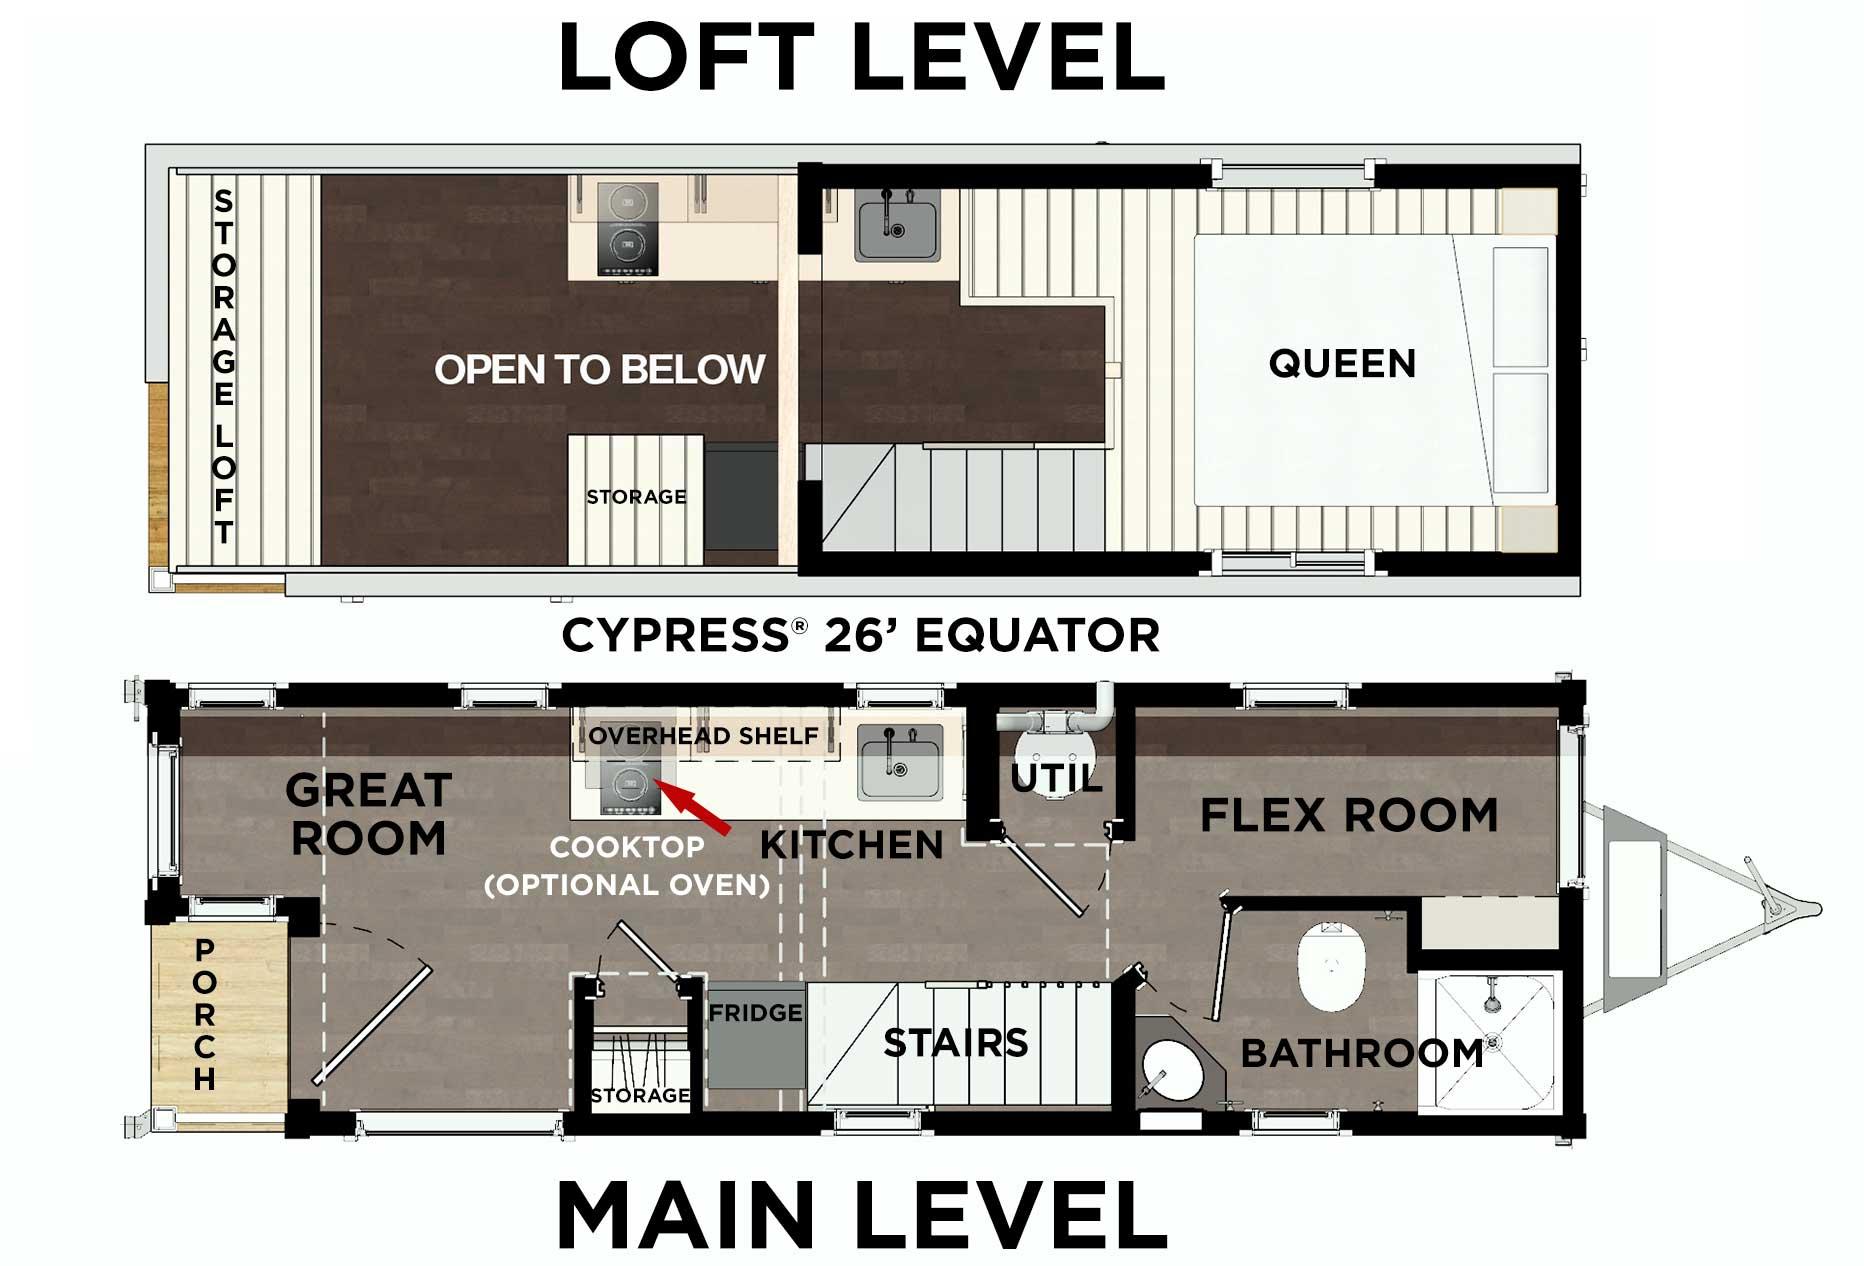 Cypress Equator Floor Plan